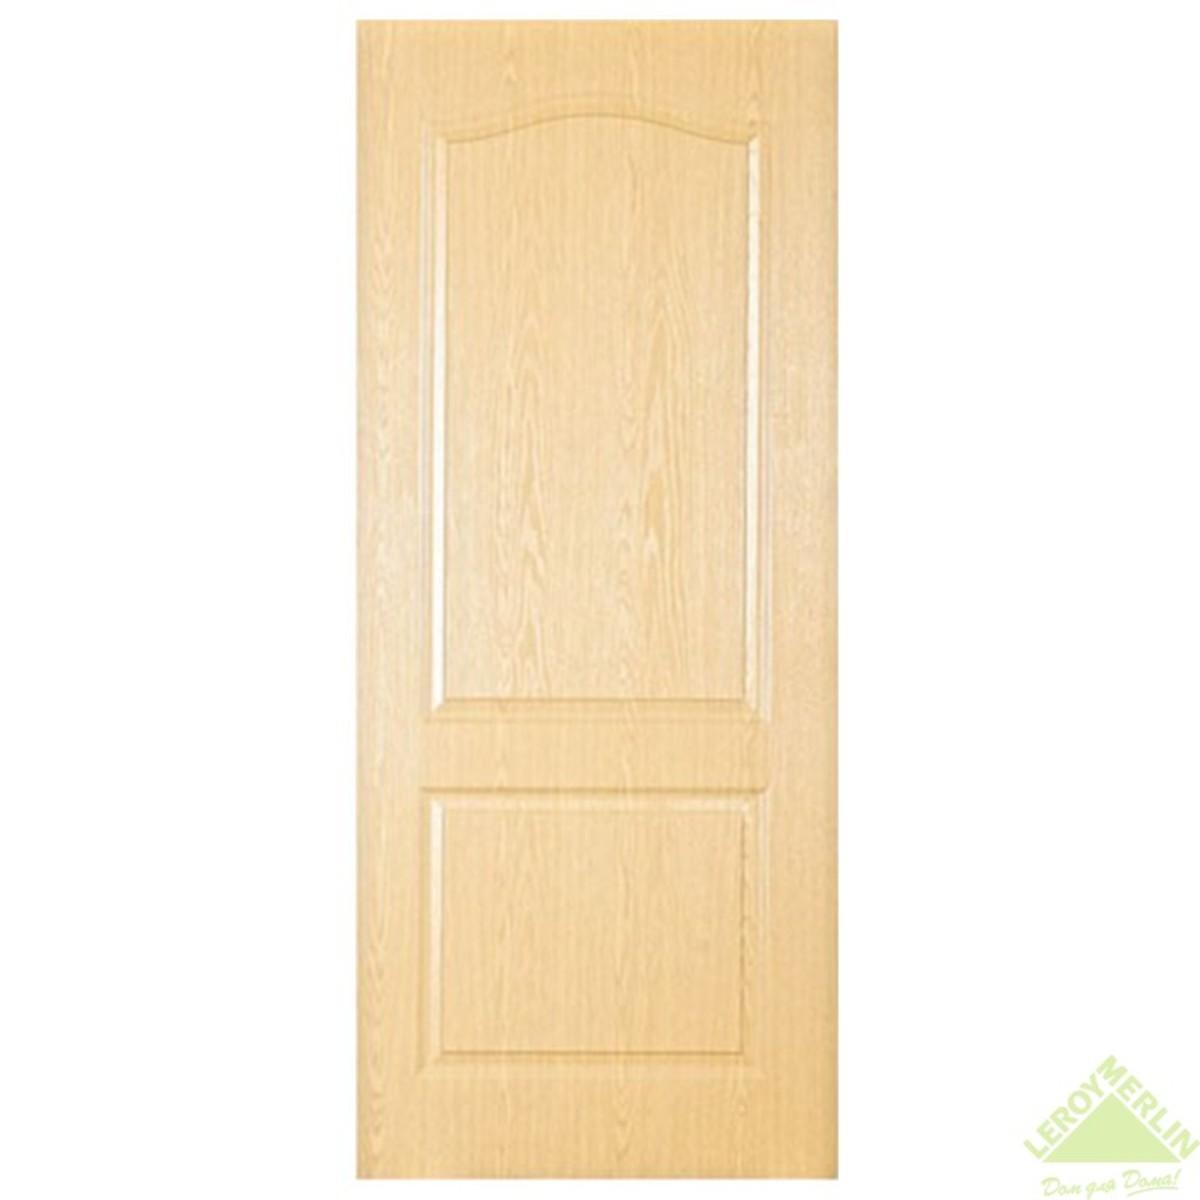 Дверь межкомнатная глухая Палитра 80x200 см ламинация цвет дуб